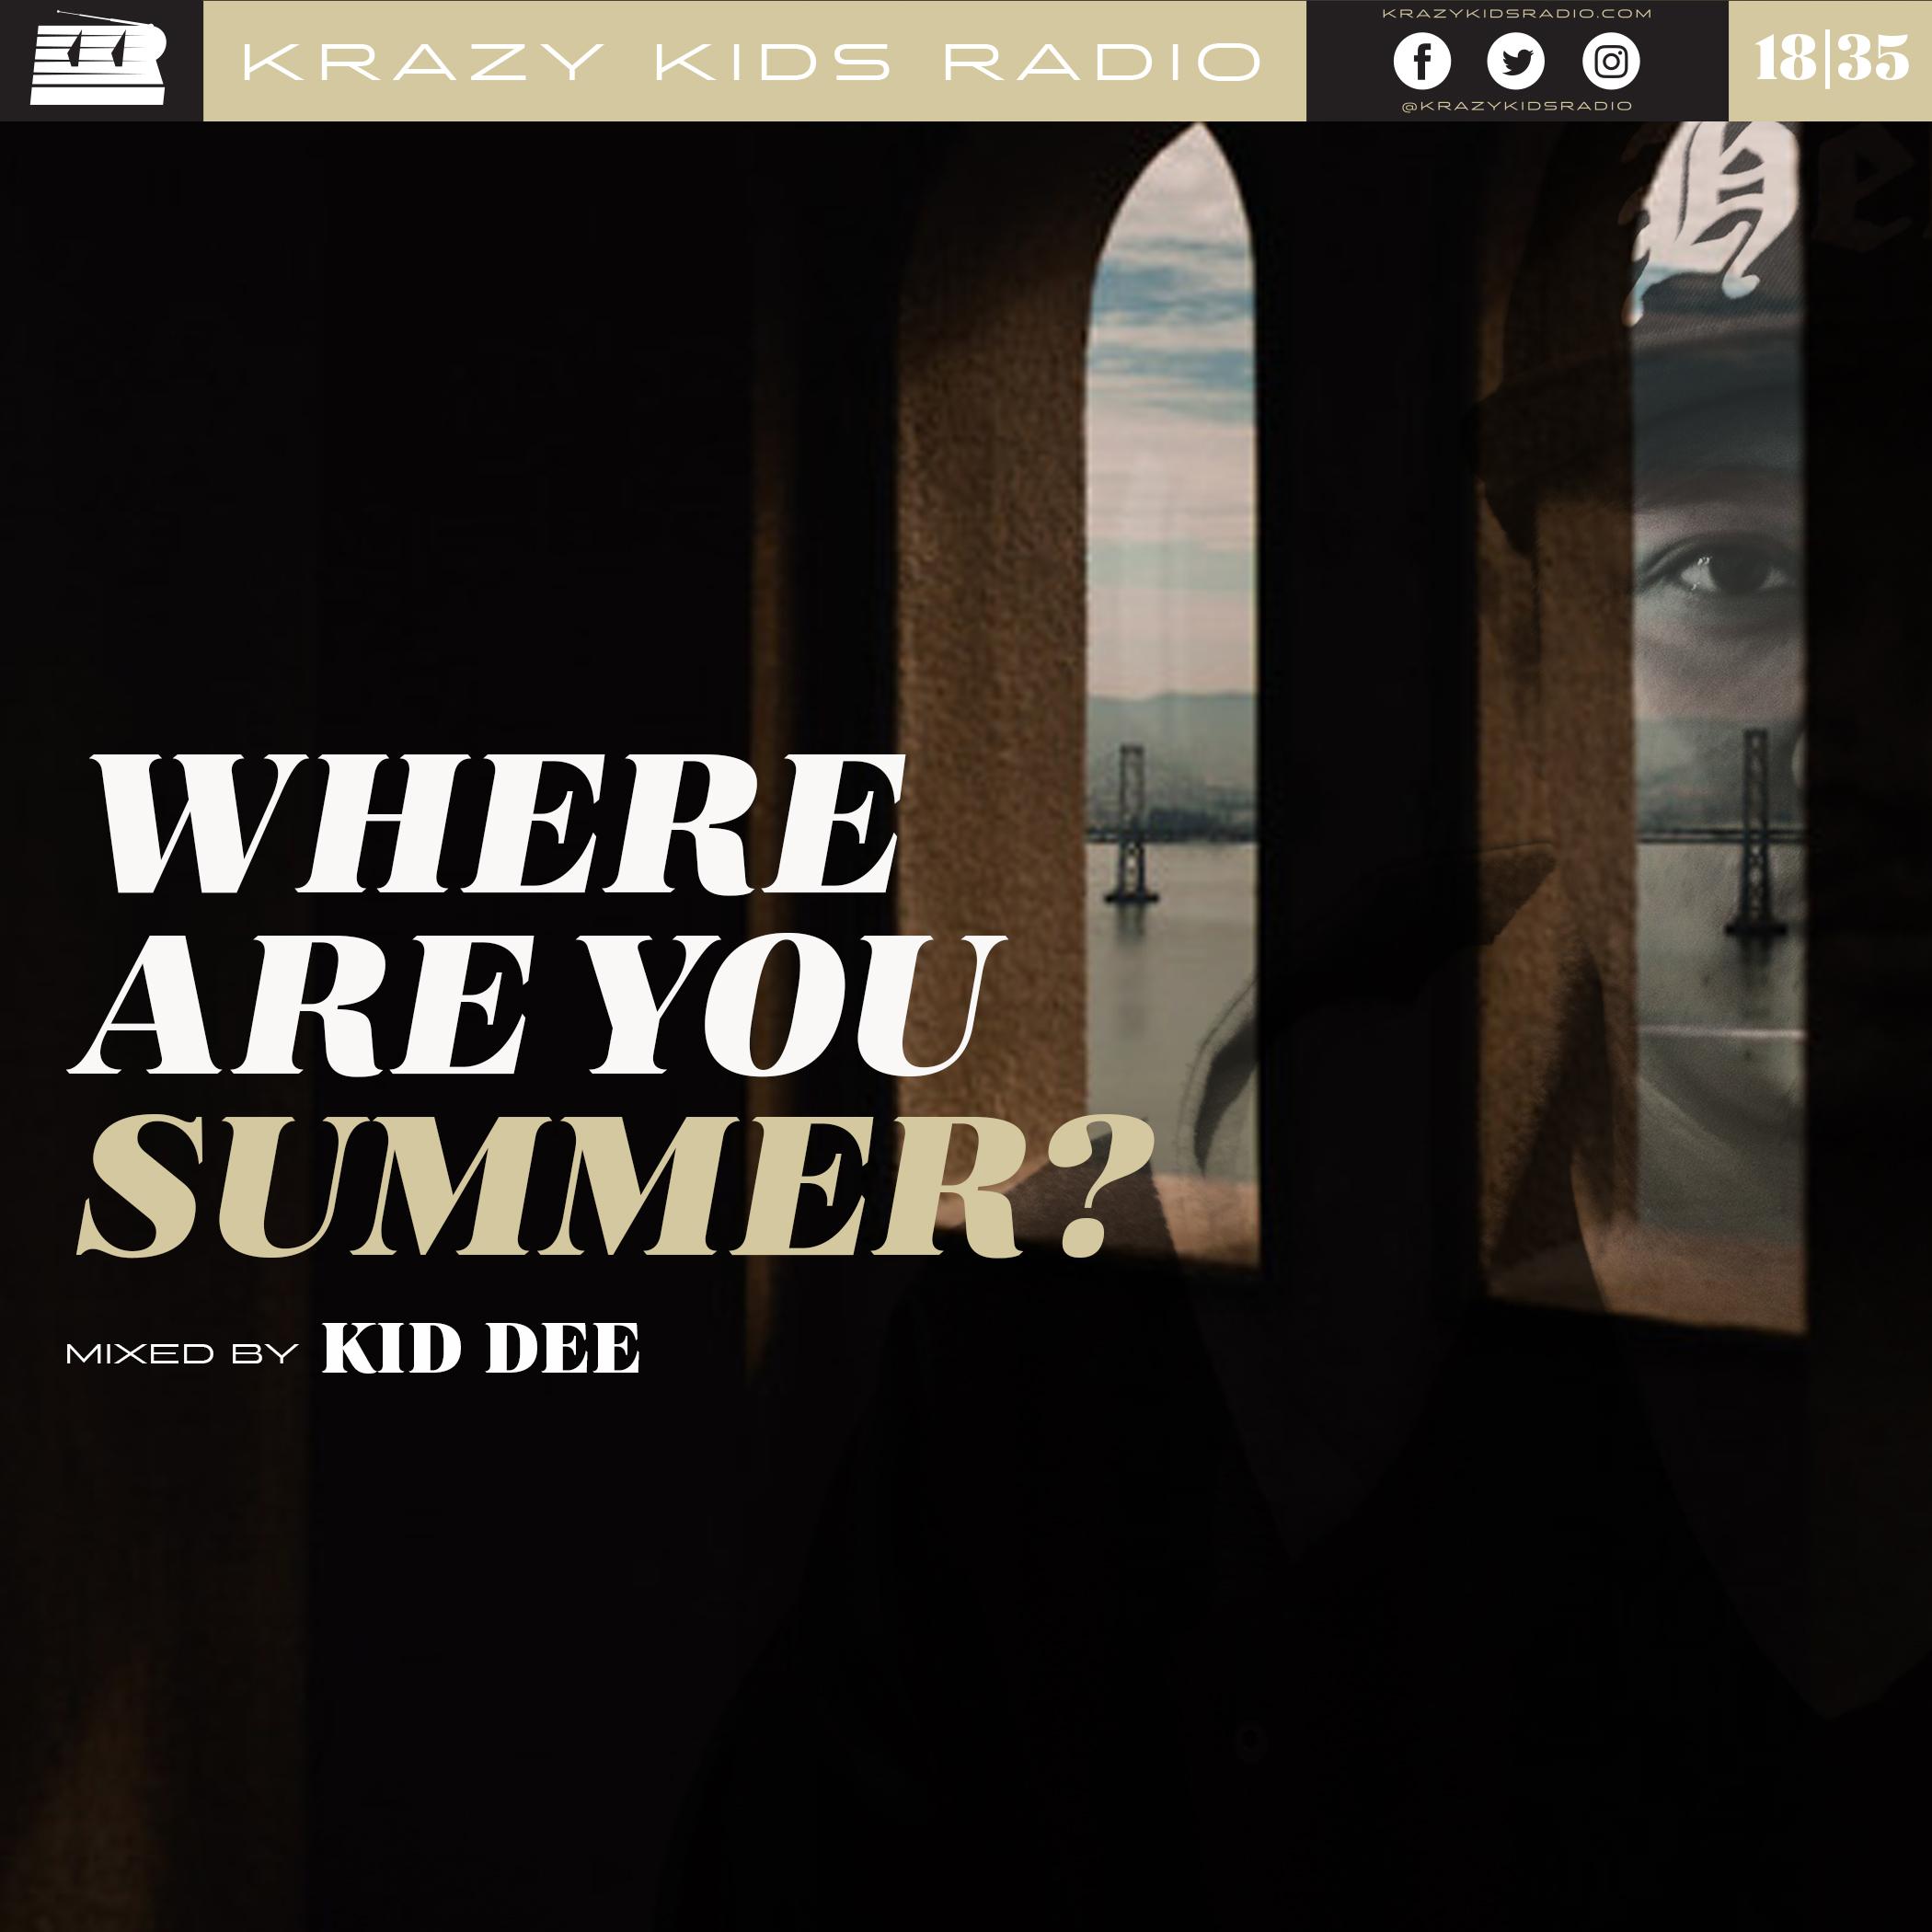 _KKR_summer.jpg